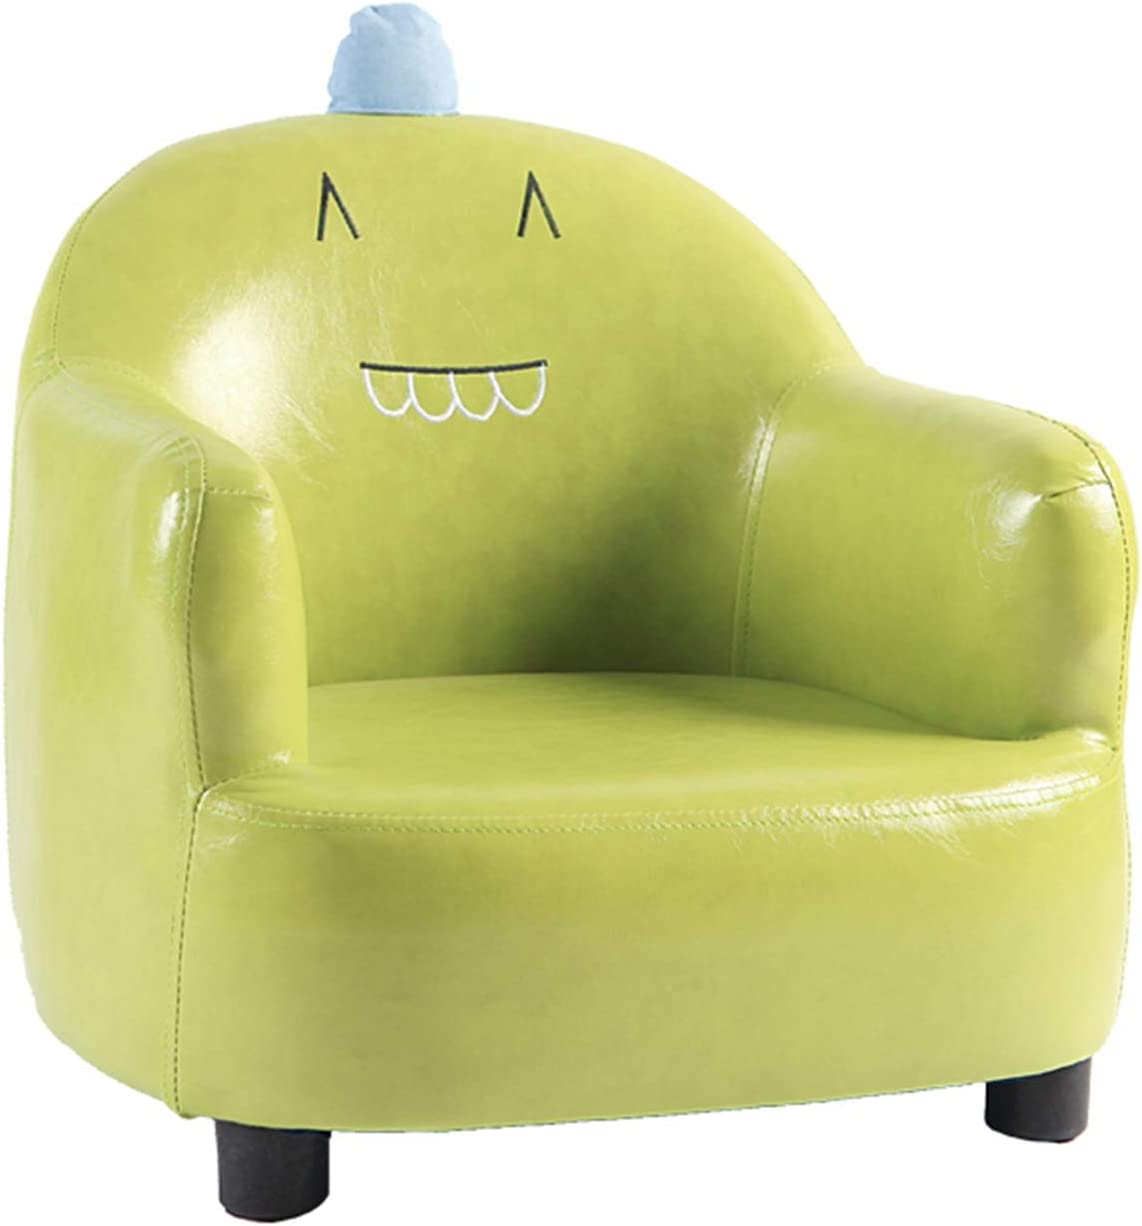 WENJUN Kids Aimchairs Seat Cheap SALE Start Baby Learn Cute Car Cheap Sit to Chair